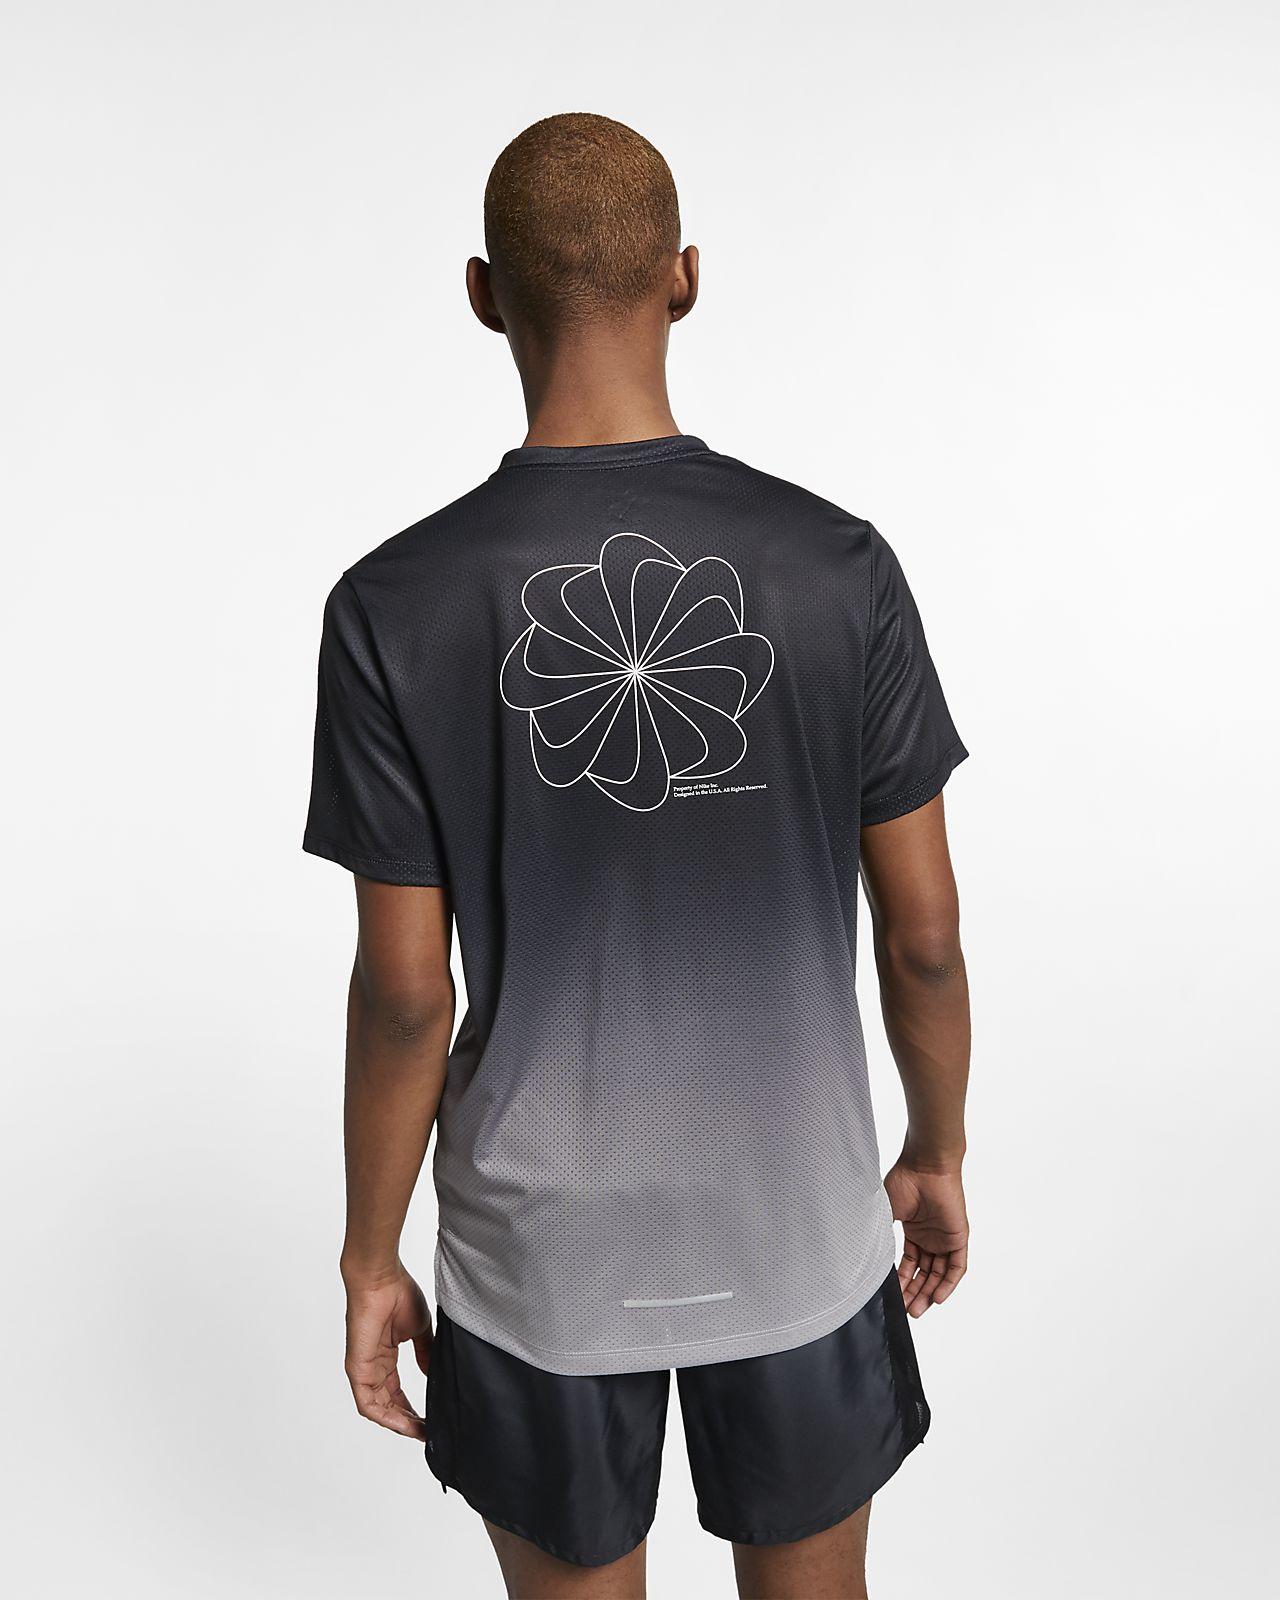 3c35a665aad0 ... Pánské běžecké tričko Nike Dri-FIT Miler s krátkým rukávem a potiskem